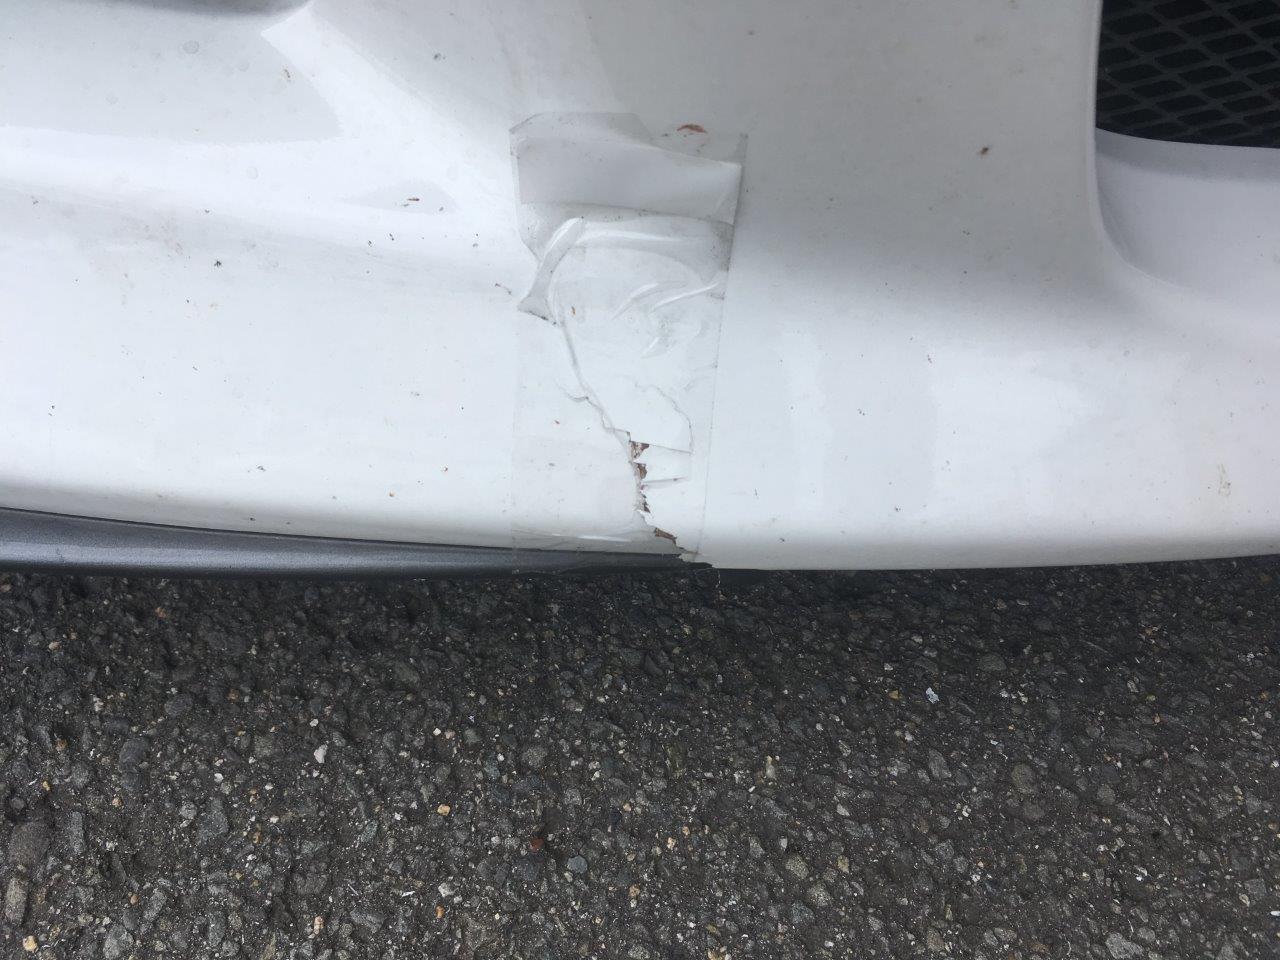 マツダ「RX-8」フロントバンパワレ修理 / 和歌山の板金塗装・車修理はプロモワカヤマ